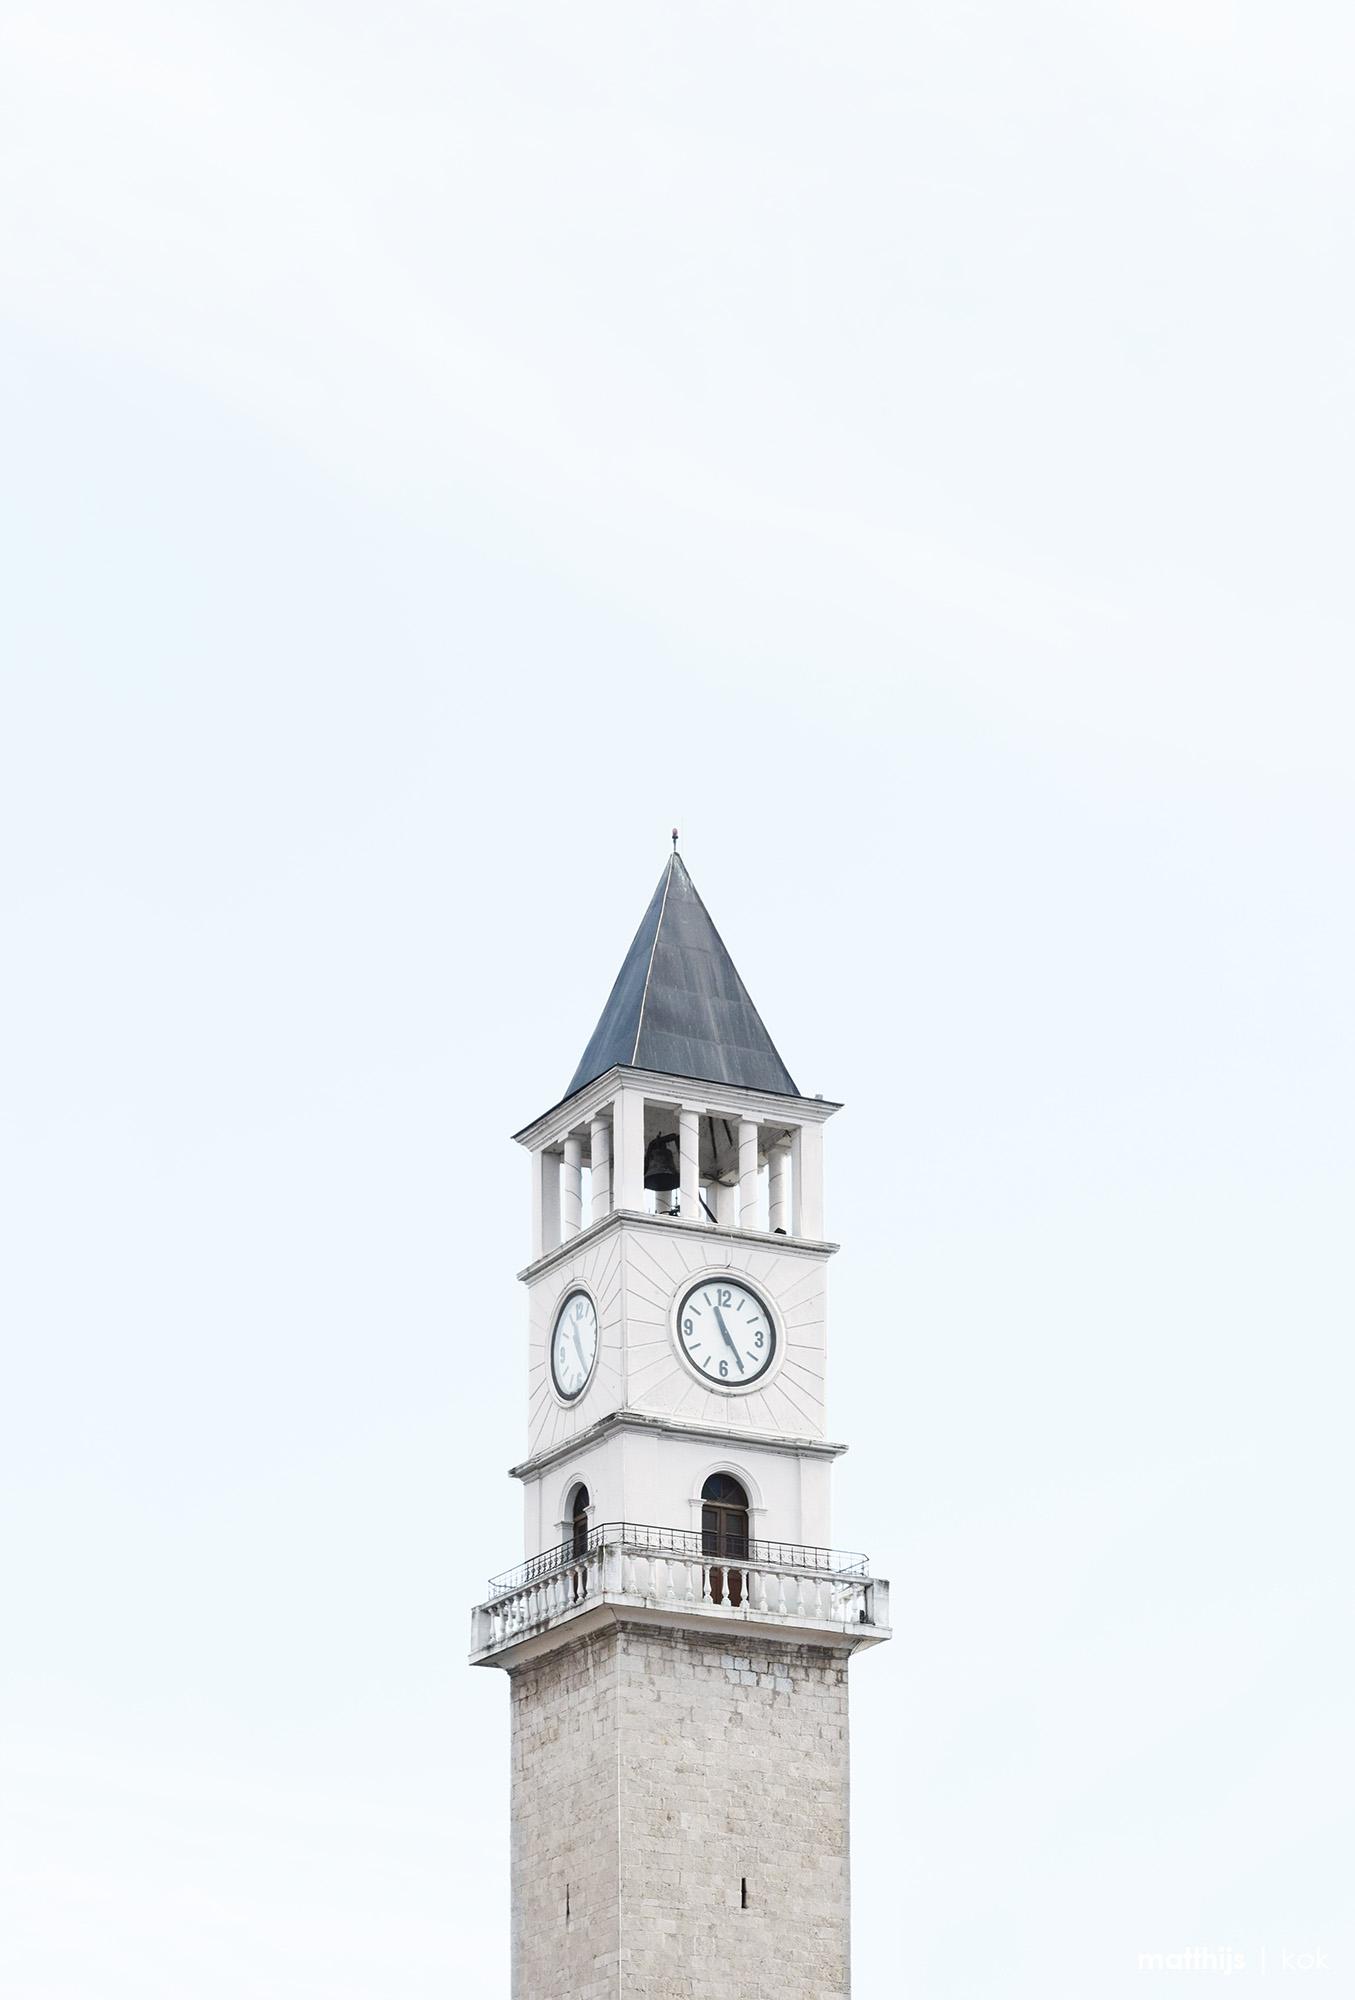 Clock Tower, Tirana, Albania   Photo by Matthijs Kok